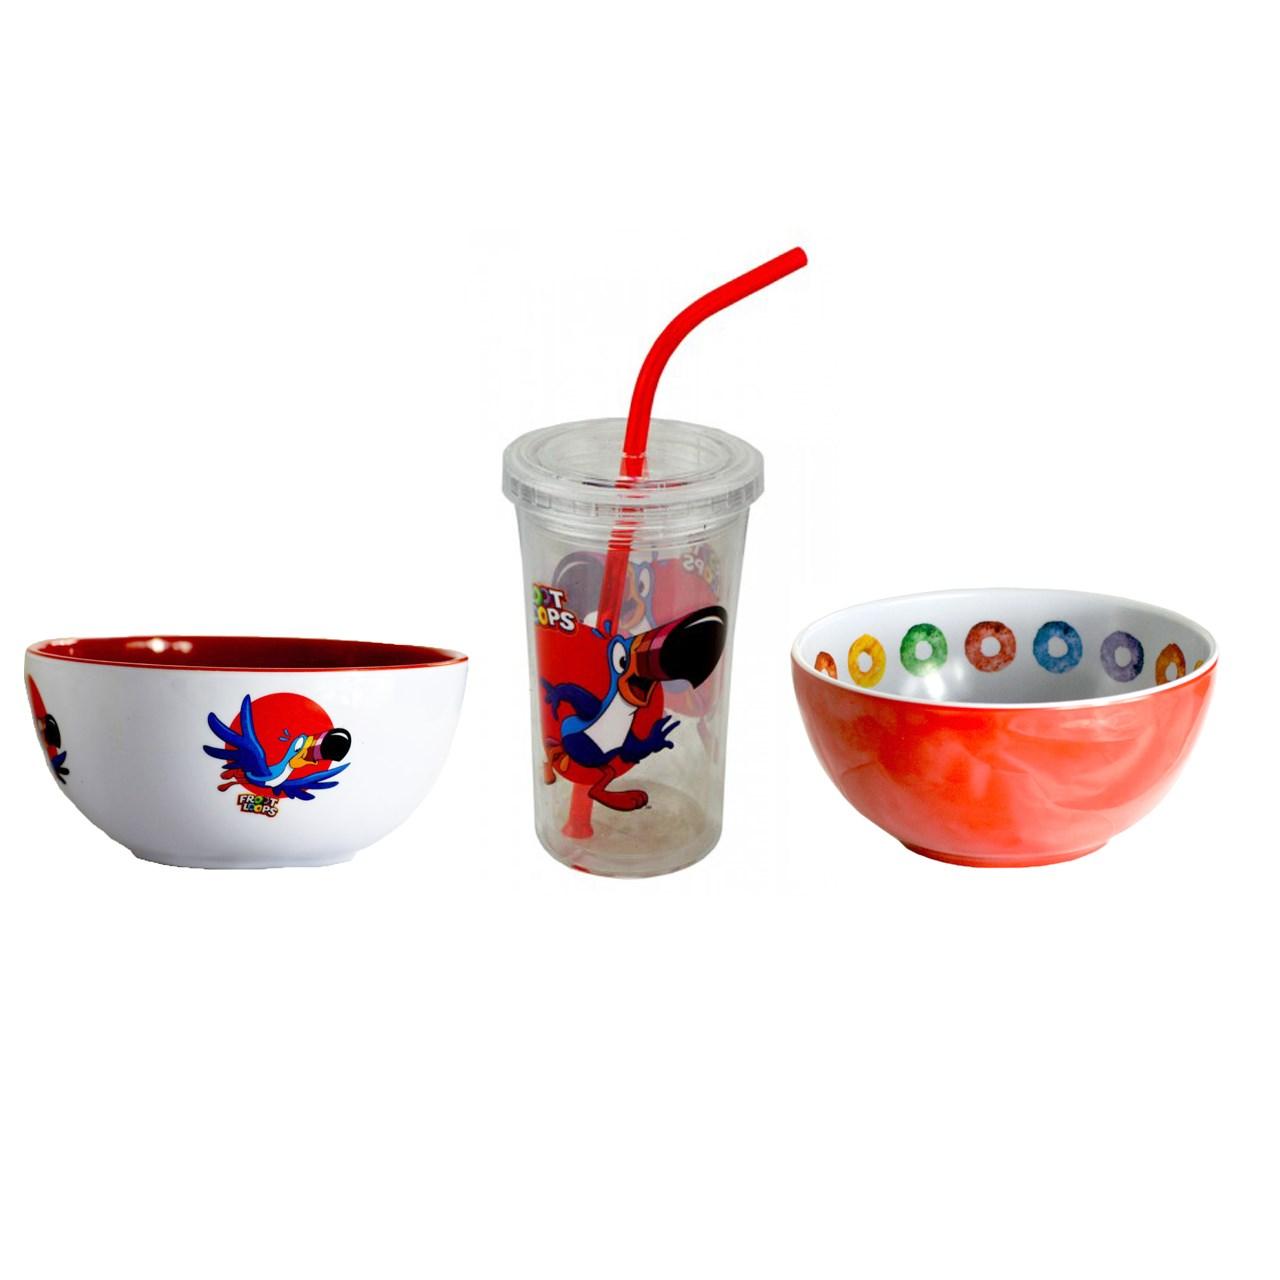 ست 3 عددی غذاخوری کودک کلاگز مدل فروت لوپس